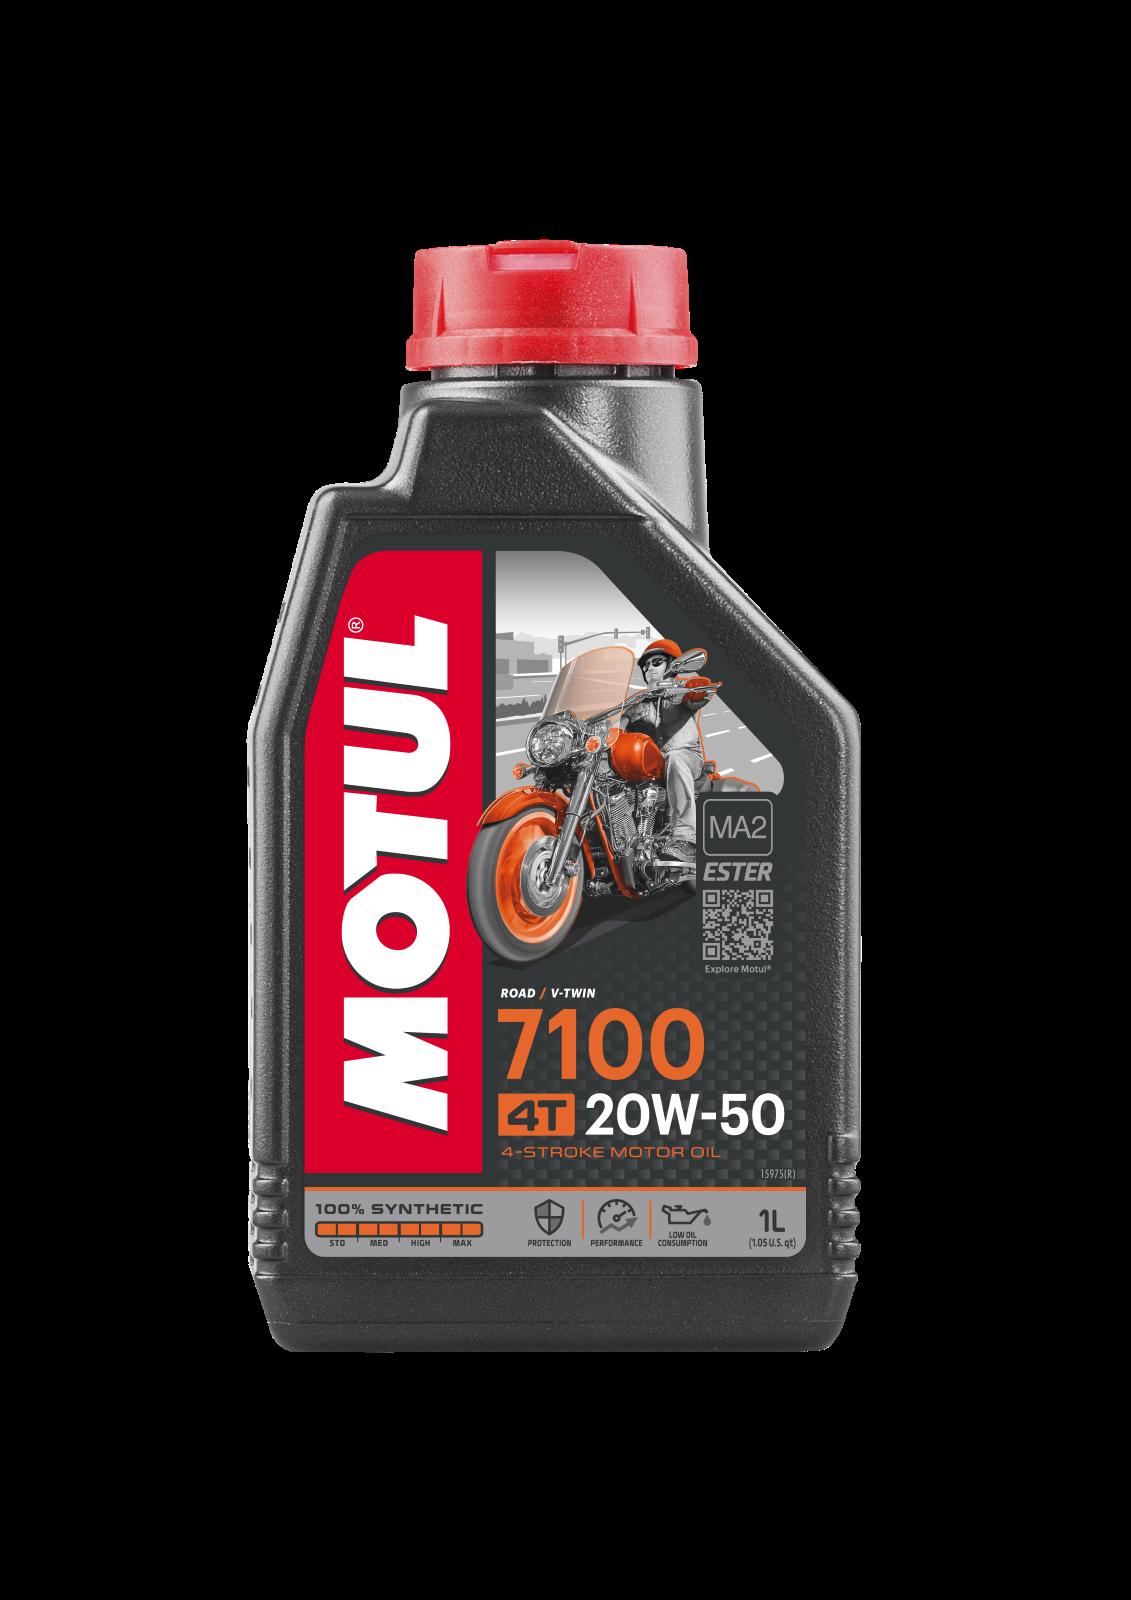 MOTUL AG MOTUL 7100 4T 20W-50 1L